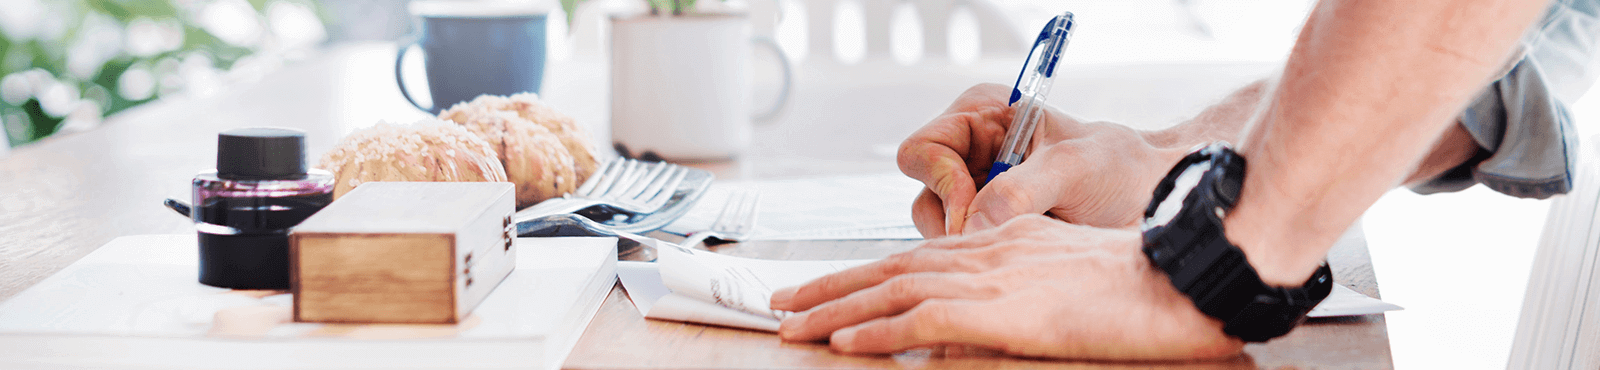 Rechnungsvorlagen für Excel, Word und als PDF zum Download